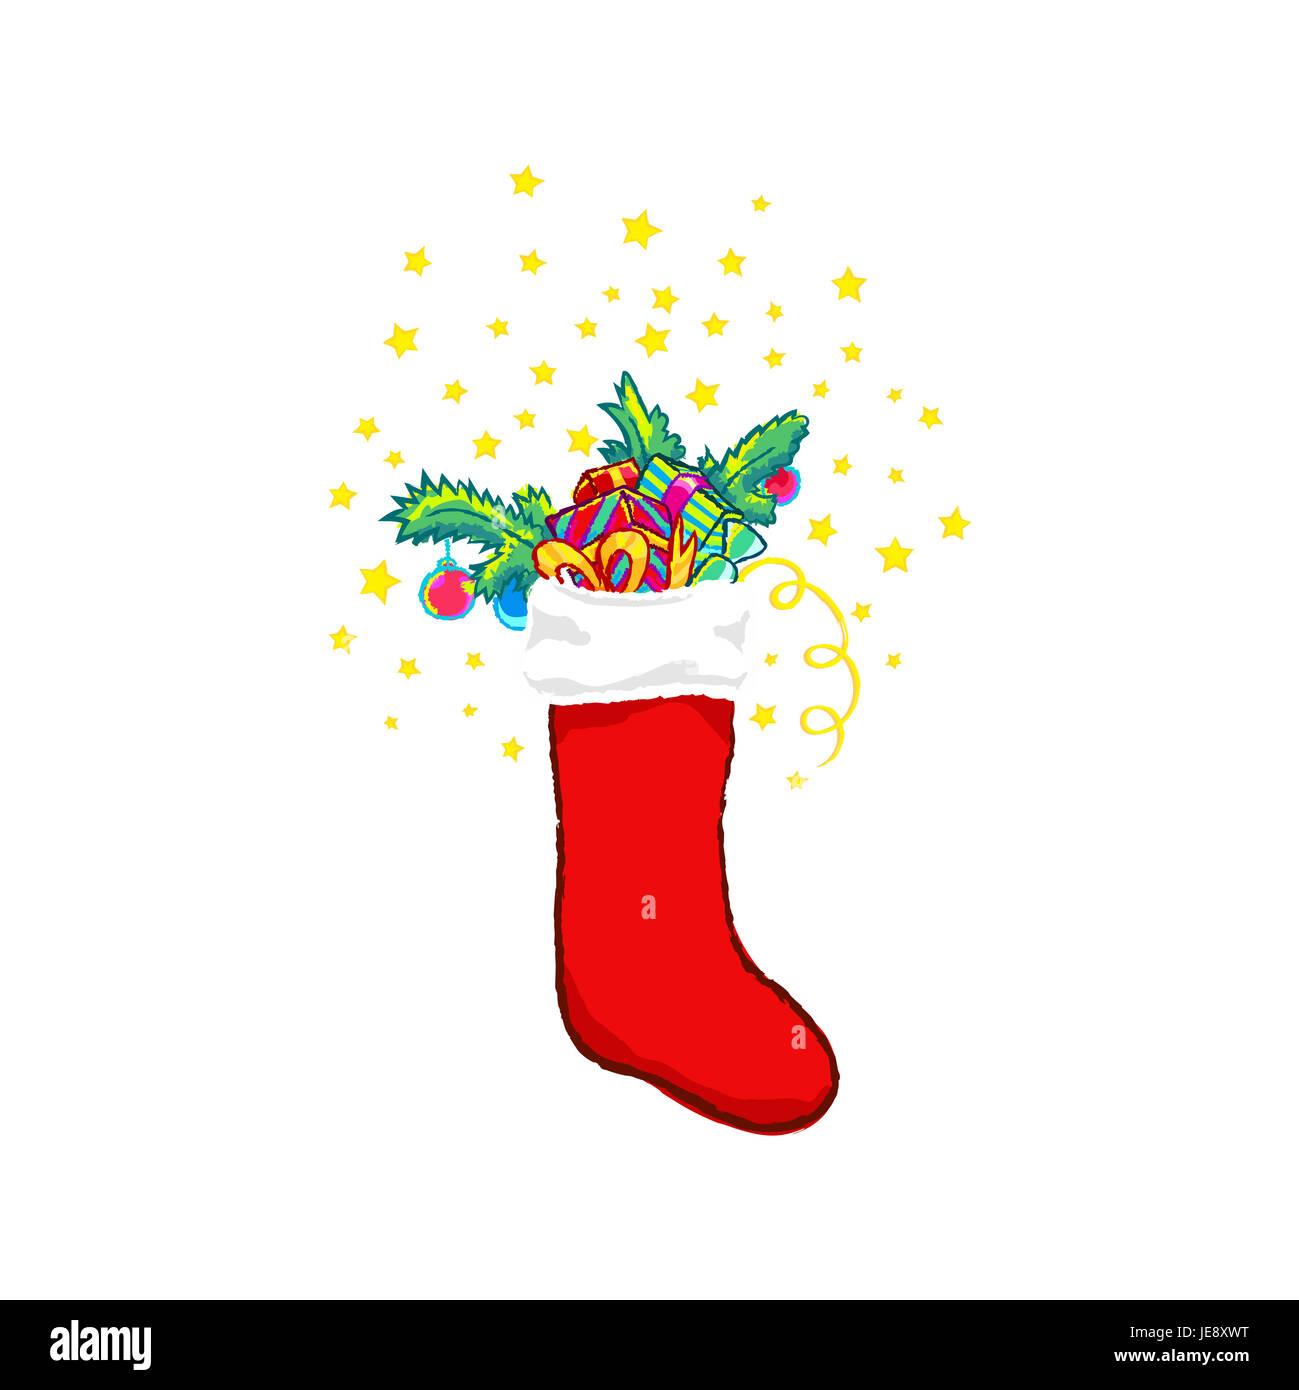 Weihnachts Strumpf Clipart Isoliert Auf Weiss Socke Mit Geschenk